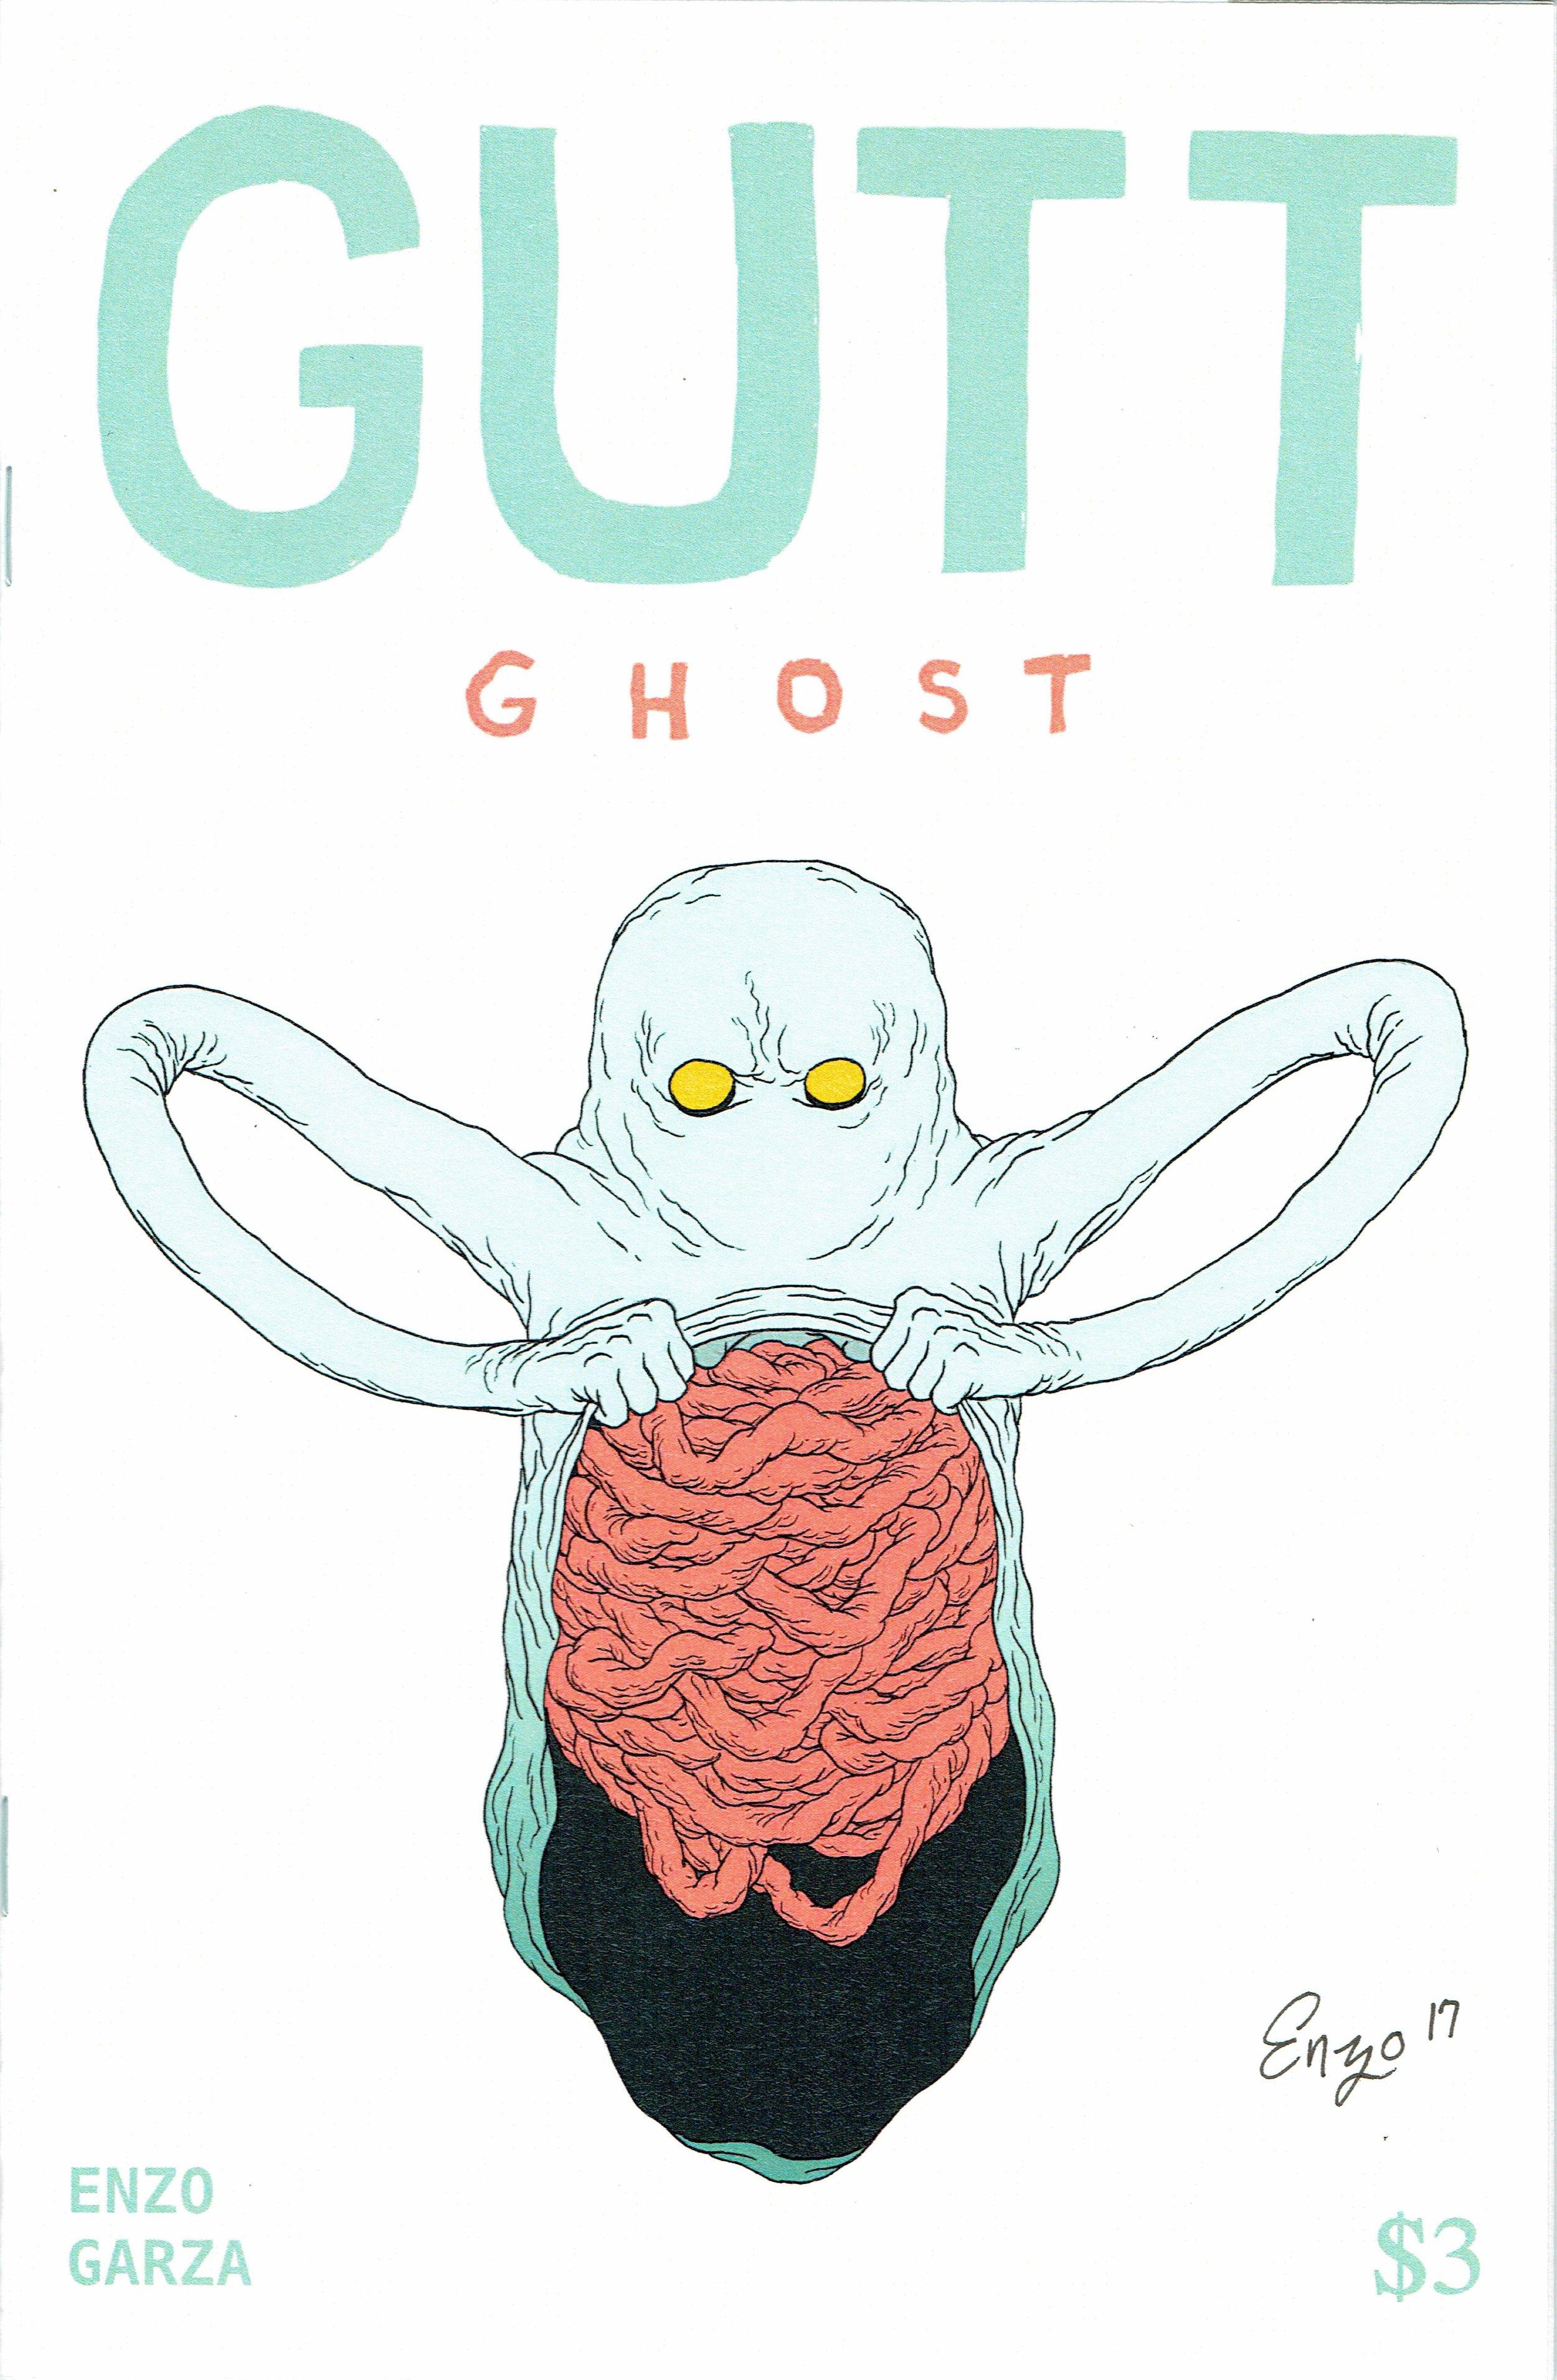 Gutt Ghost #1 from Enzo Garza.